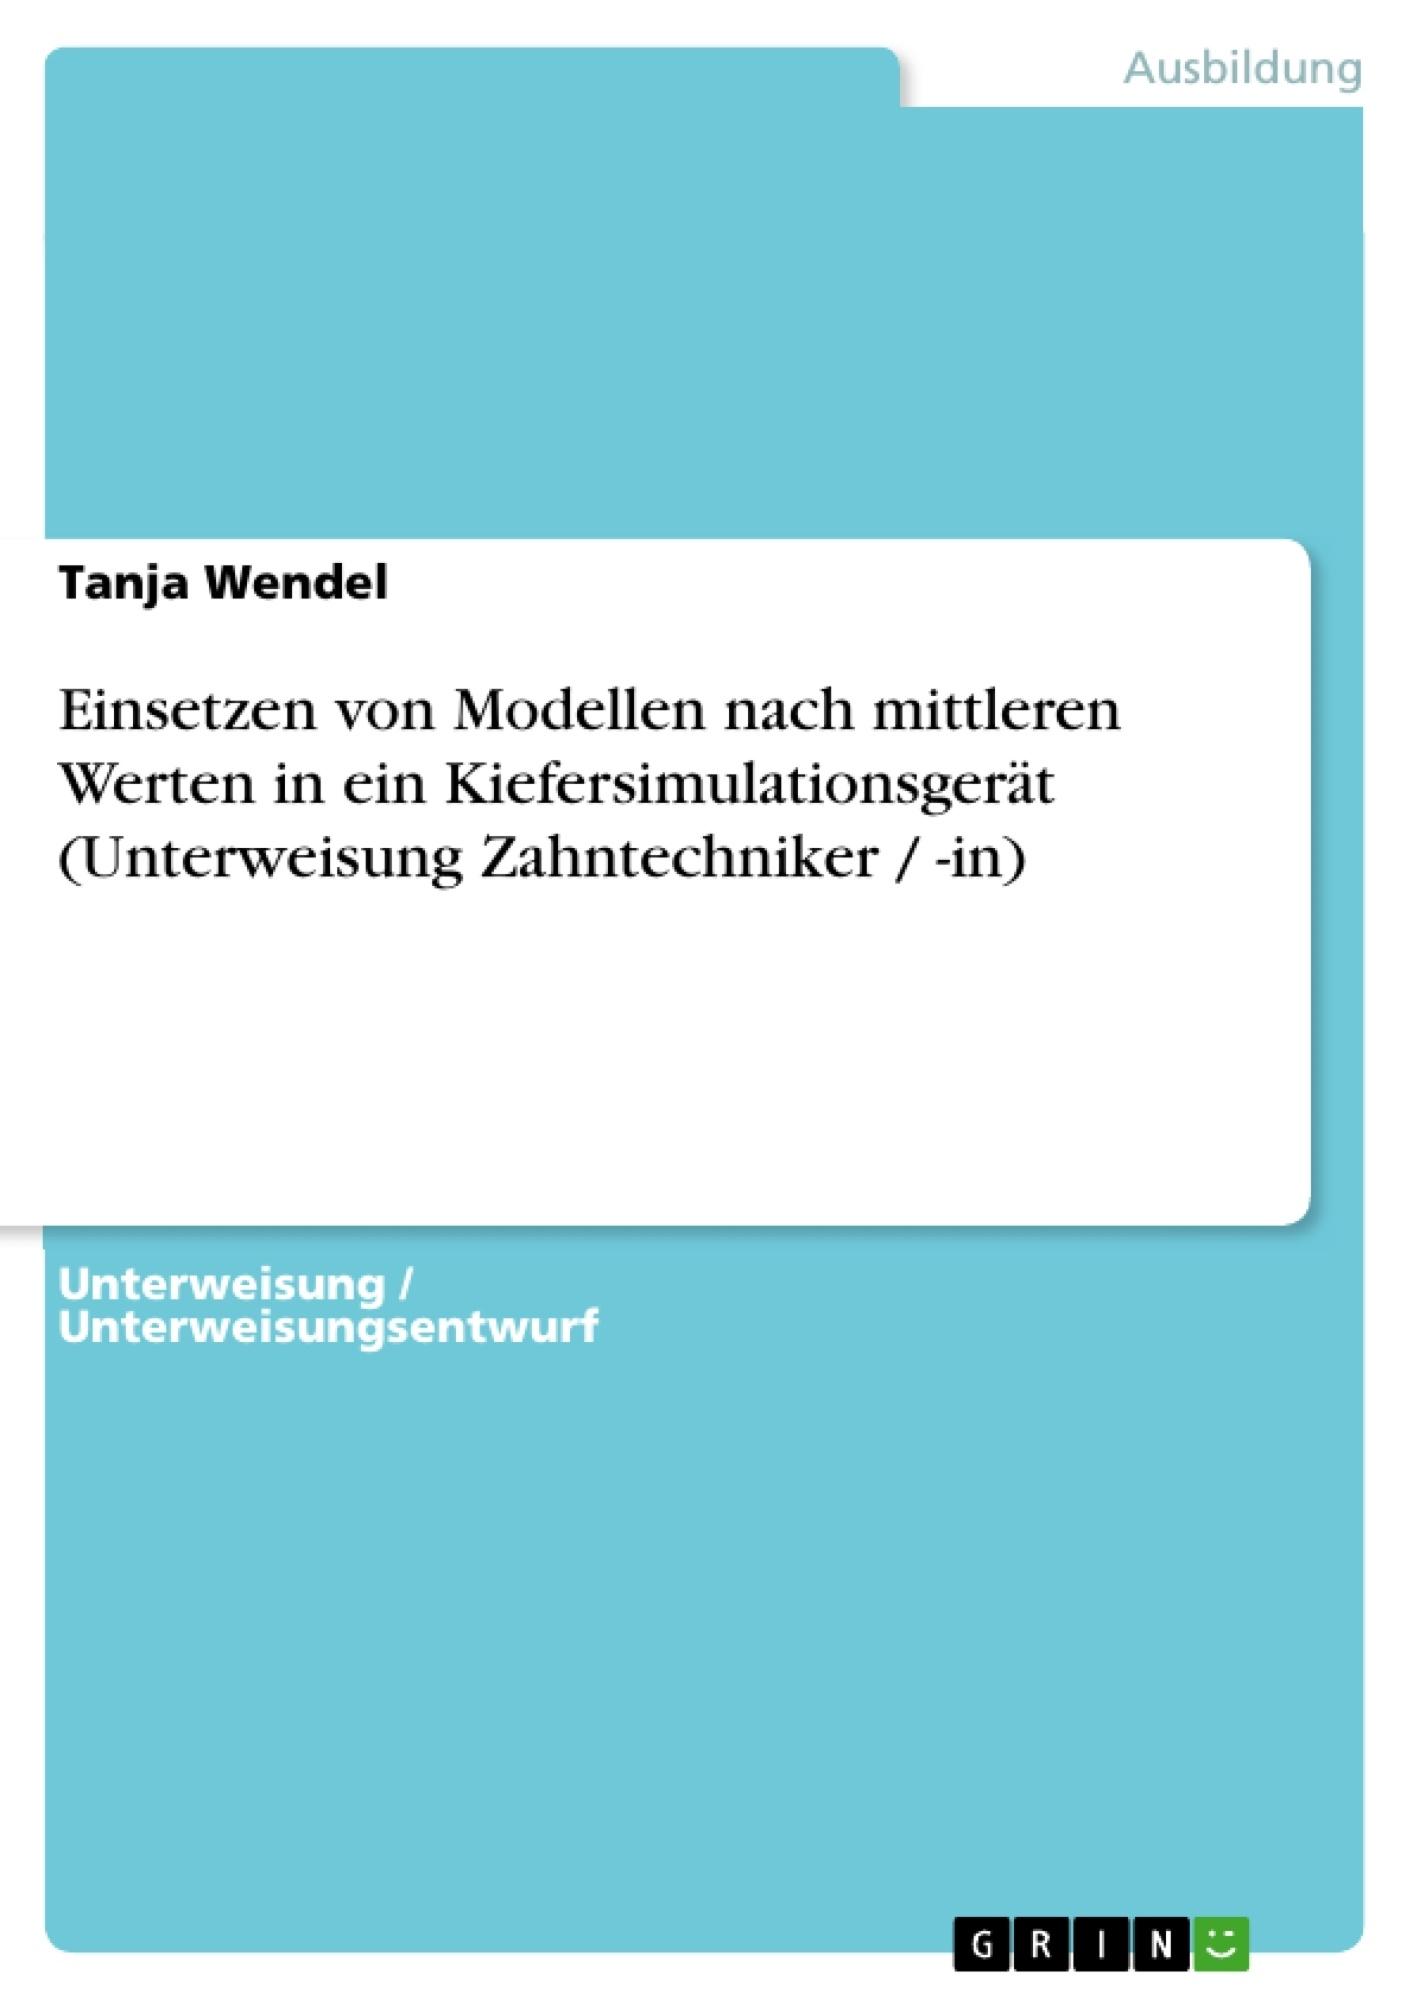 Titel: Einsetzen von Modellen nach mittleren Werten in ein Kiefersimulationsgerät (Unterweisung Zahntechniker / -in)